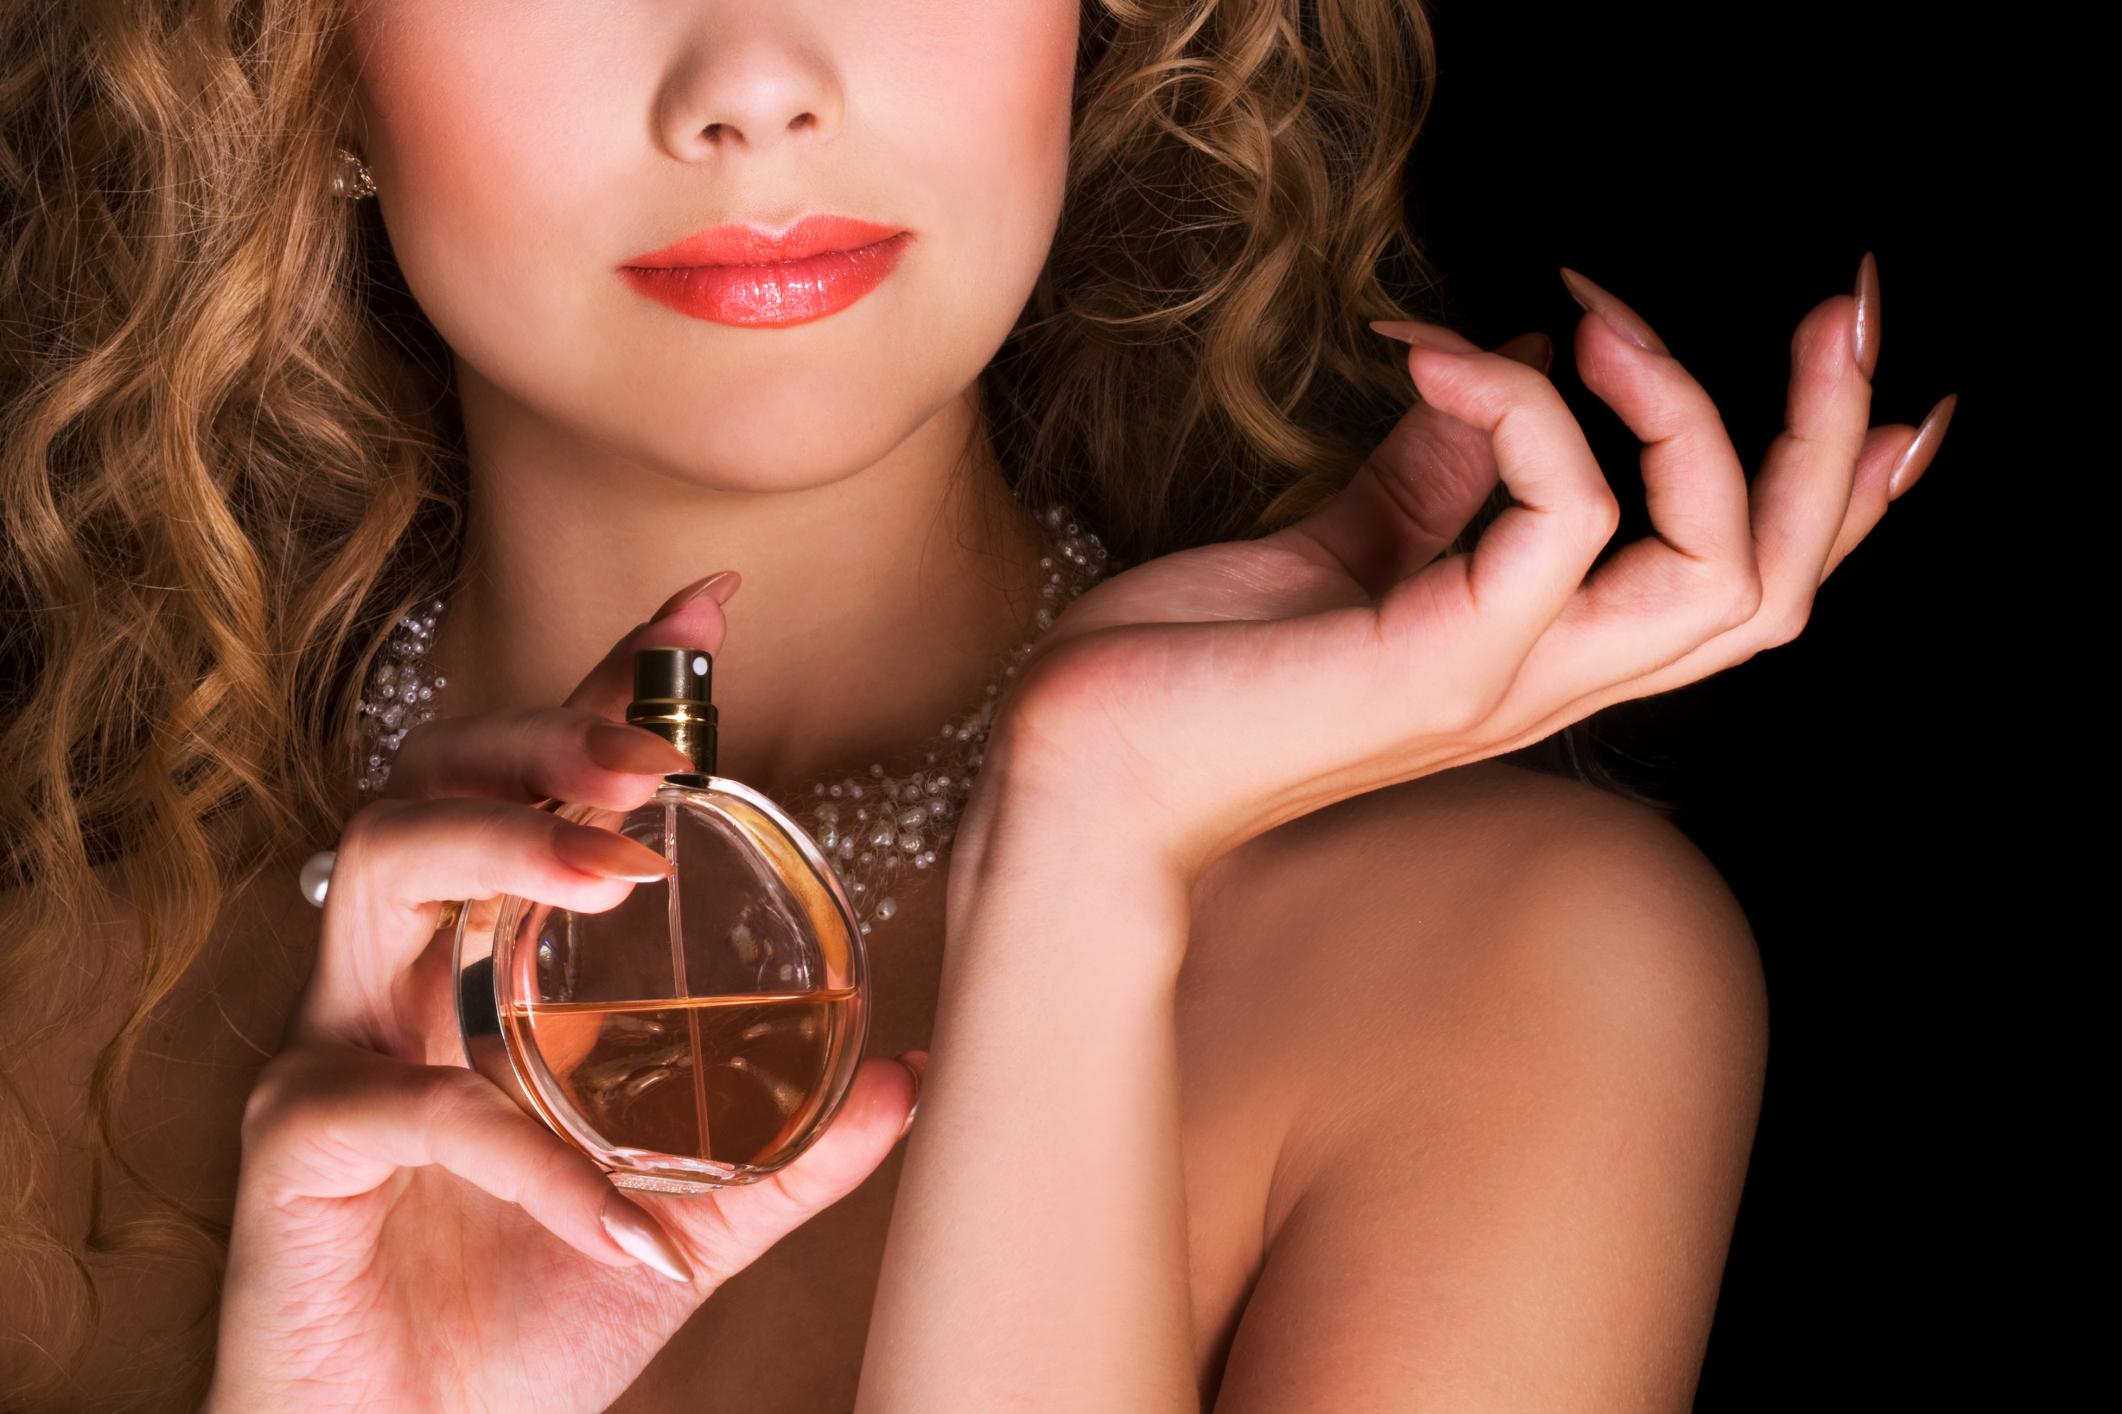 Сохранить аромат парфюма целый день